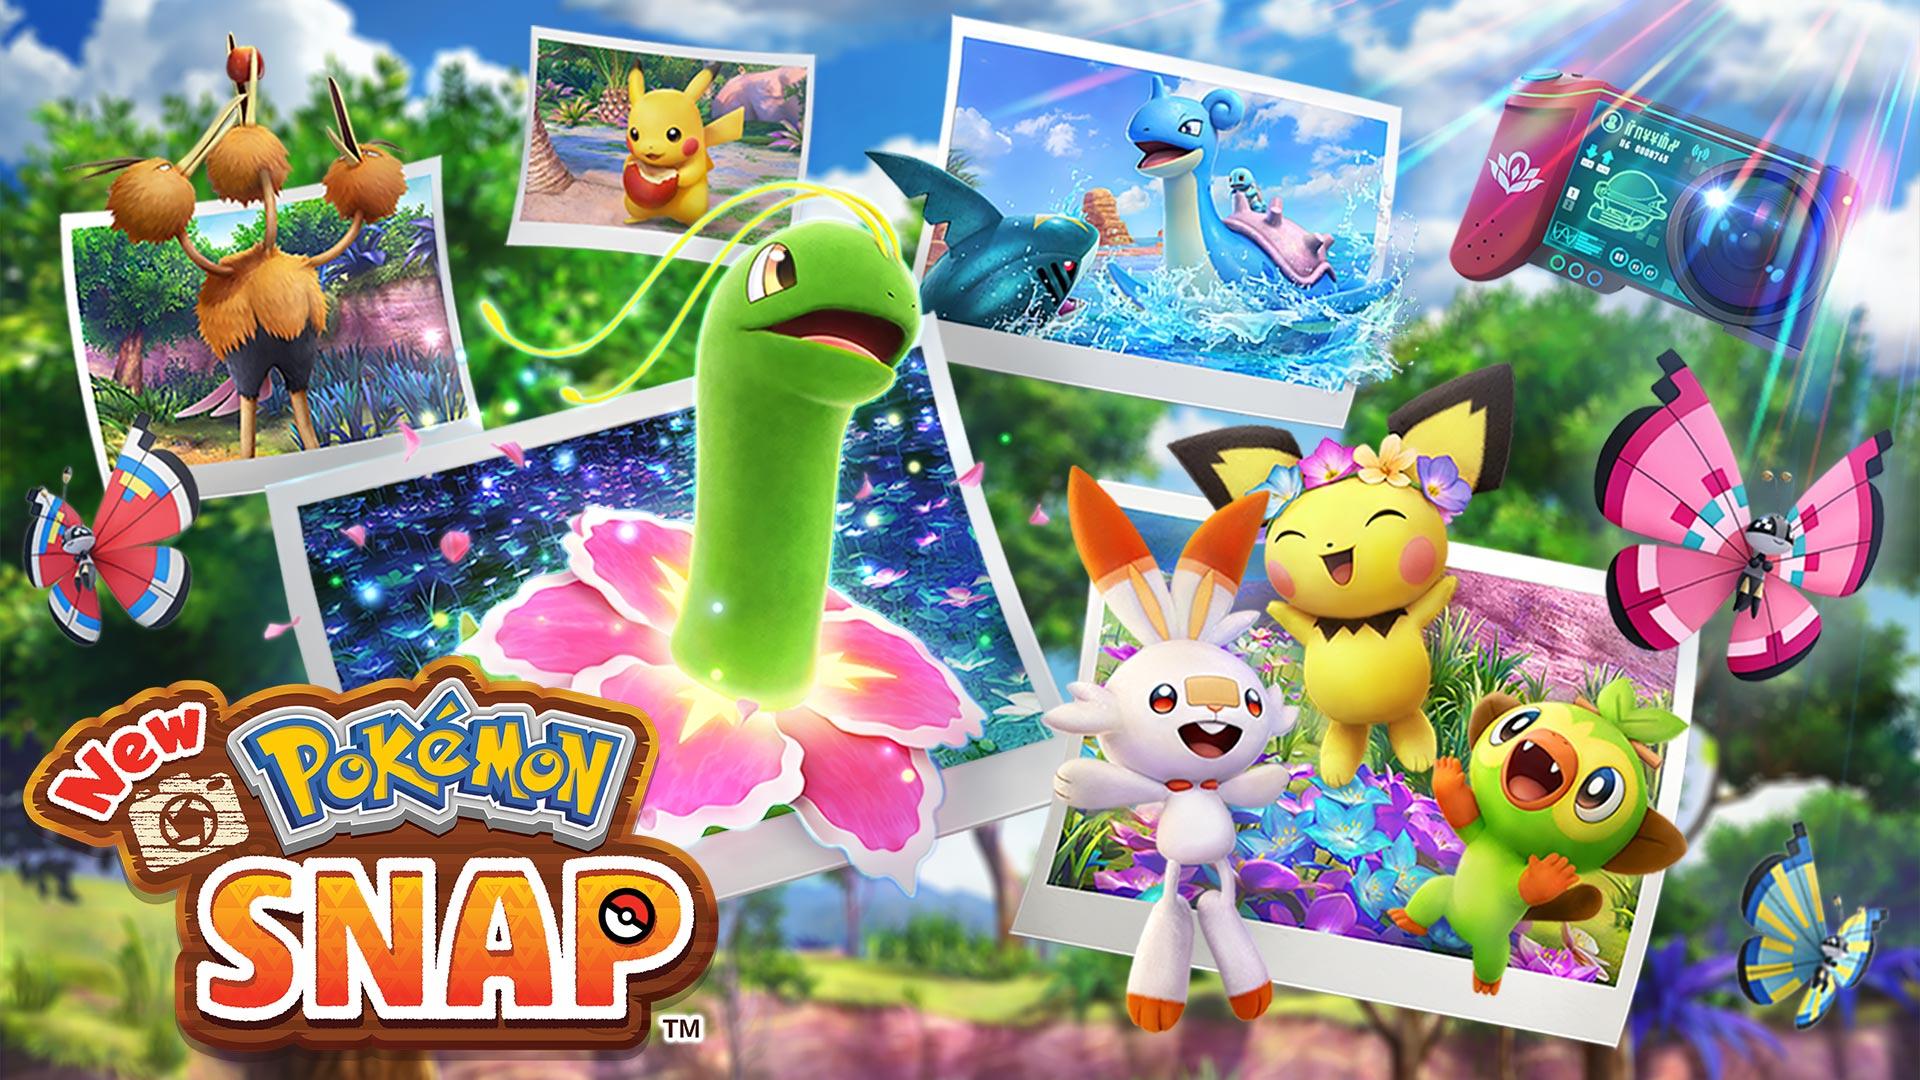 Review: new pokémon snap, a foto mais bela da franquia. New pokémon snap te leva para a região de lental em busca das melhores fotos de uma série de diferentes pokémon